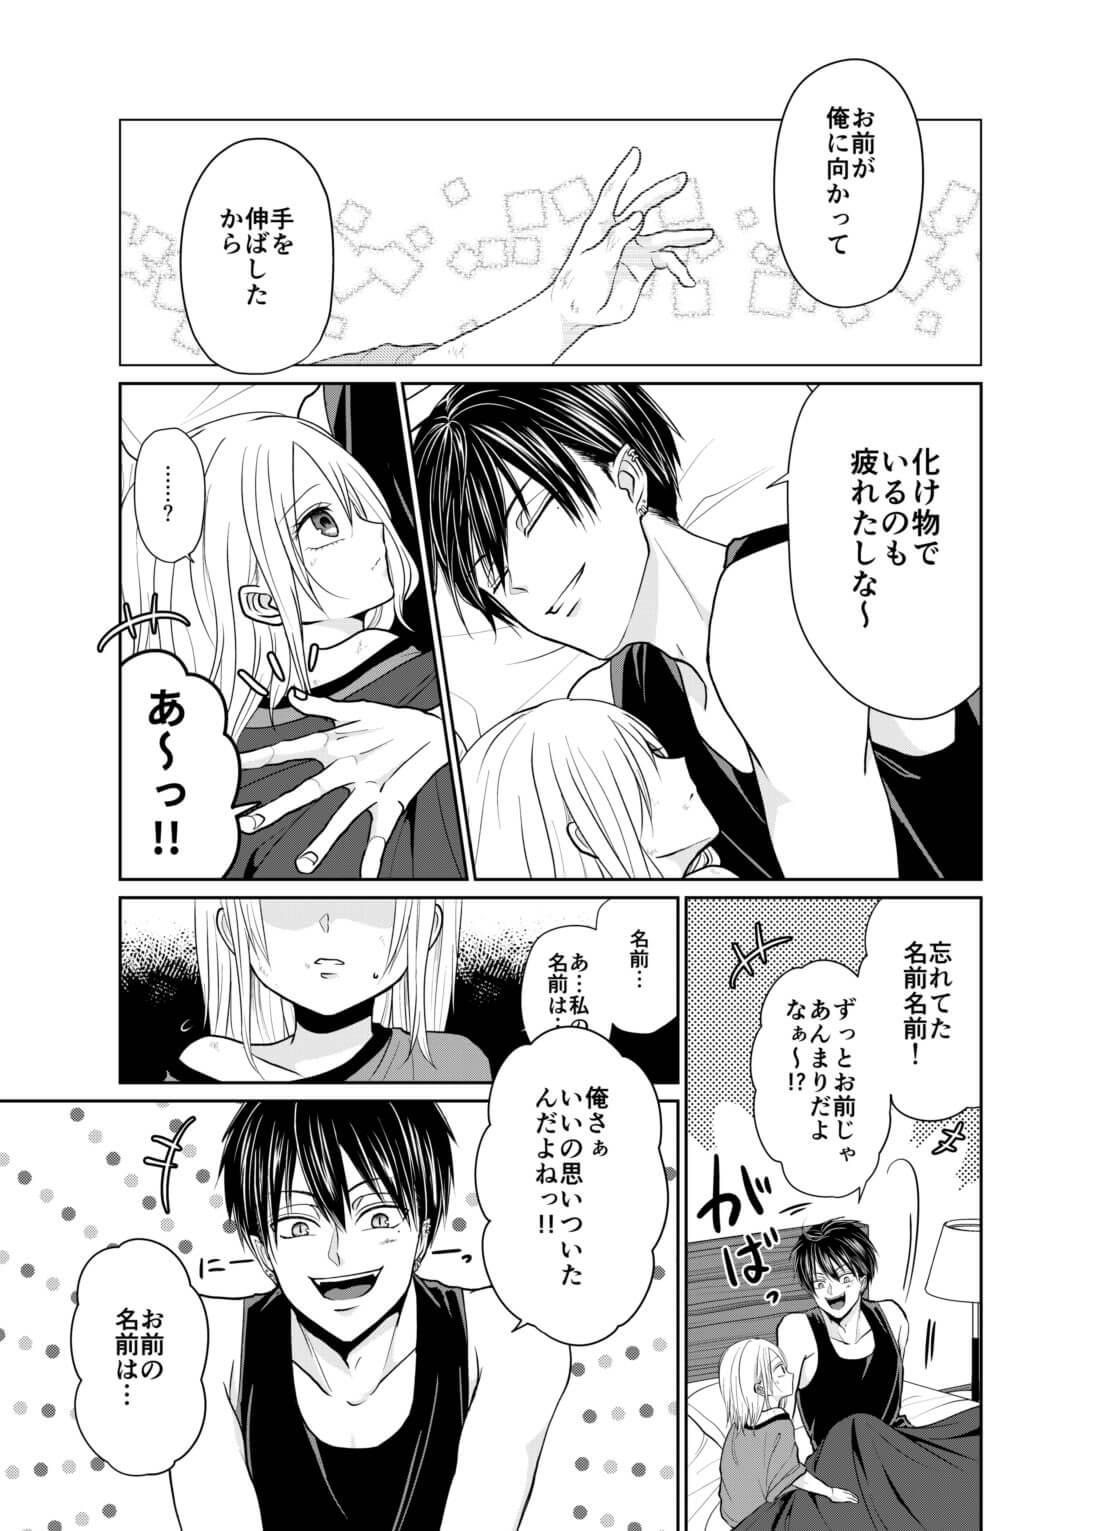 吸血鬼と幼女3-3